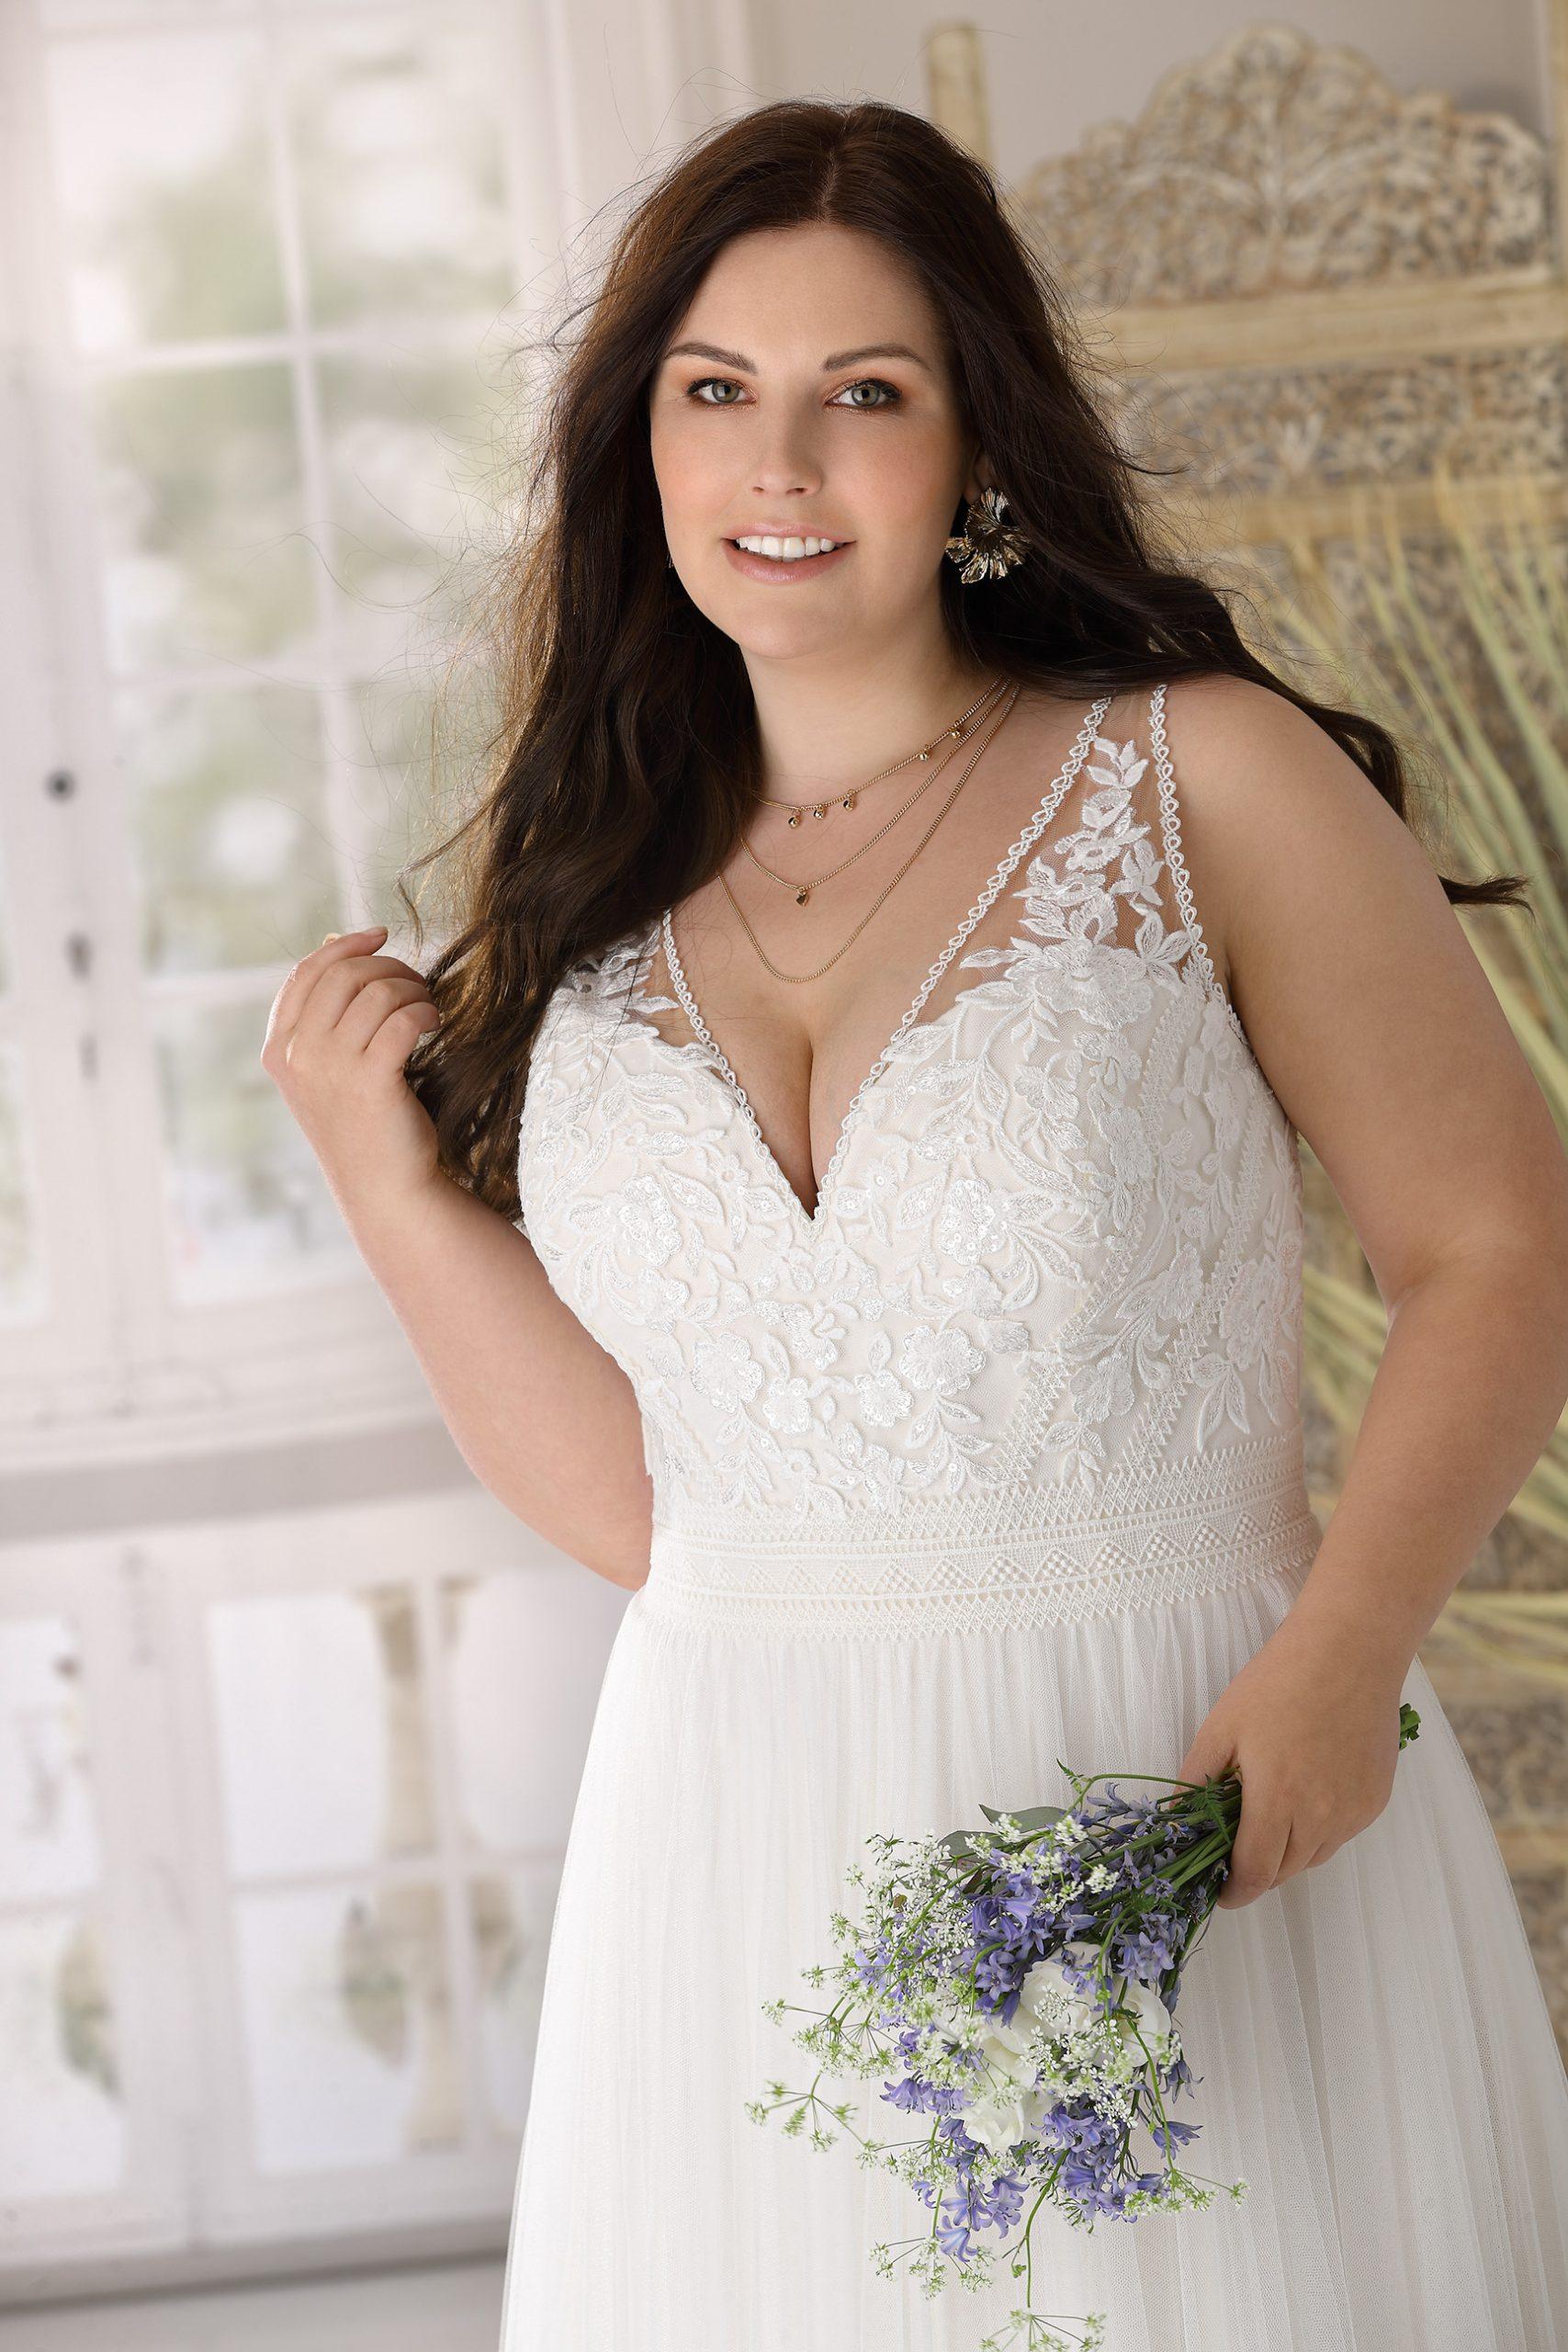 Vier Brautmodengeschafte Alles Fur Die Hochzeit Hochzeitsstrasse